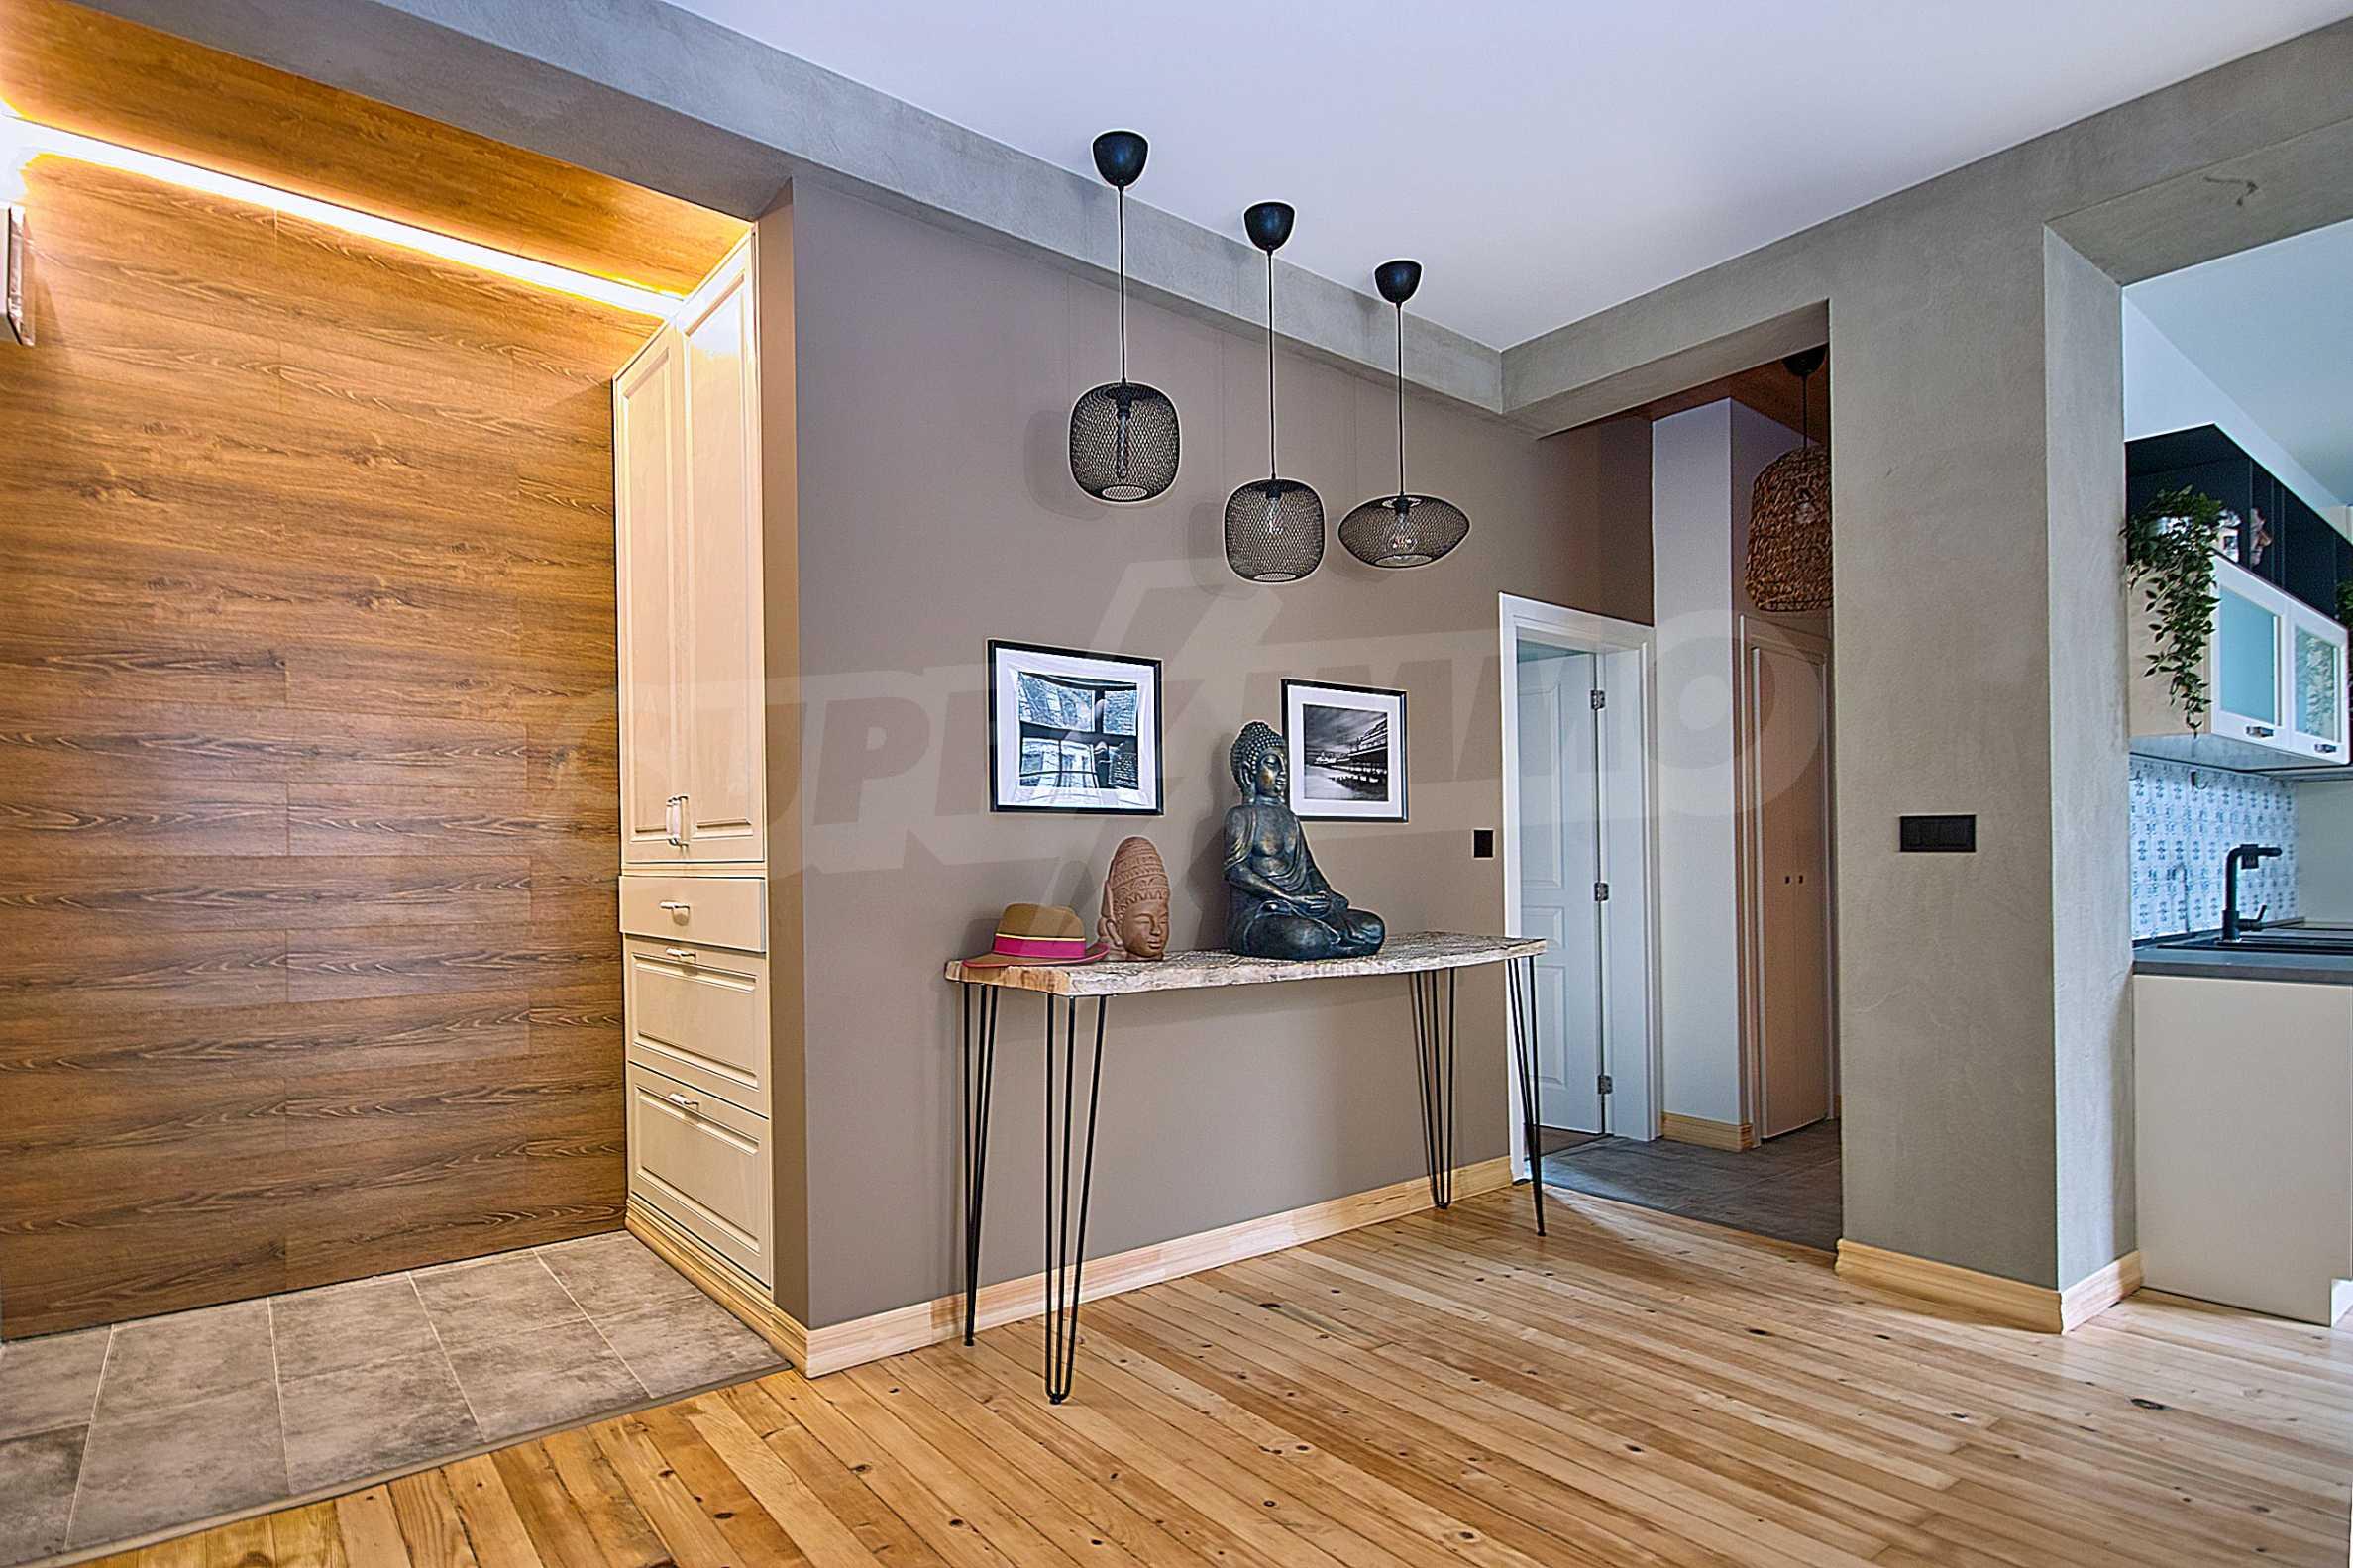 Möblierte Wohnung mit zwei Schlafzimmern in der Mitte 7